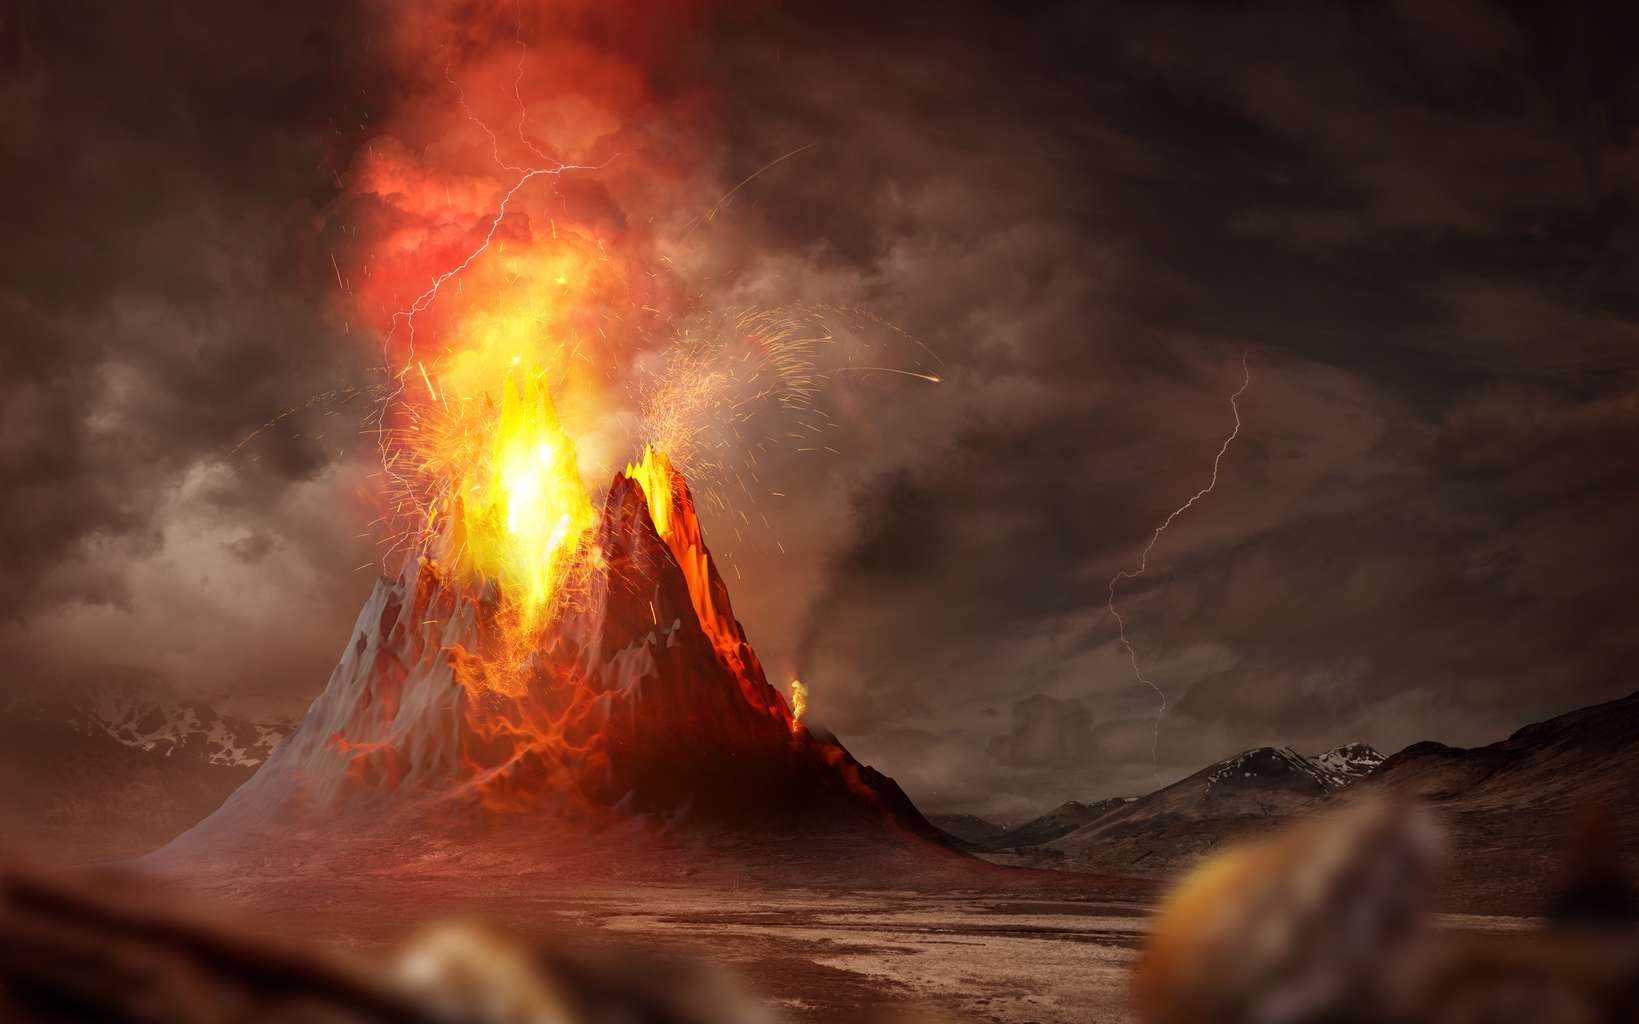 Vue d'artiste d'un volcan en éruption © James Thew / Fotolia